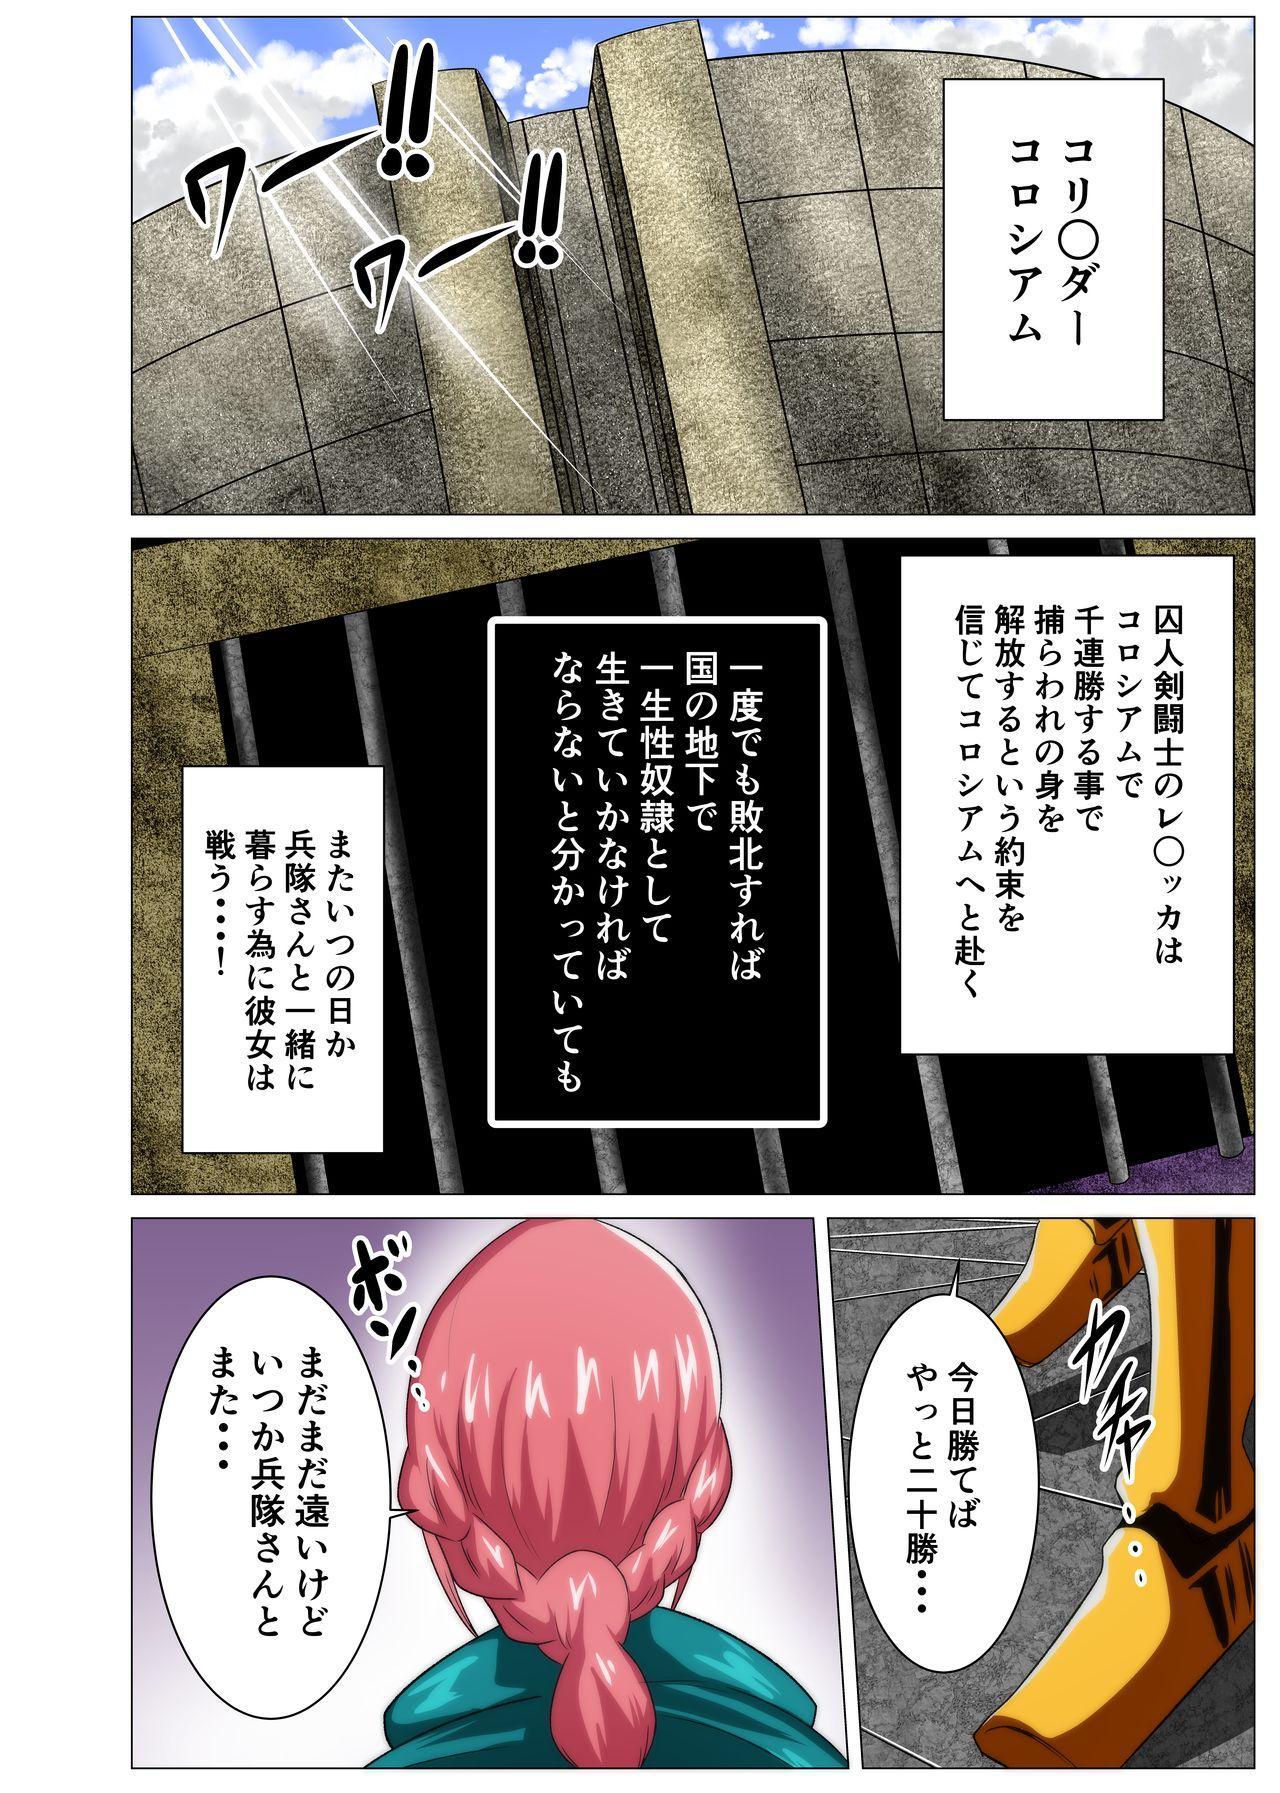 Onna Kentoushi no Shakuhou o Kaketa Chousen 1